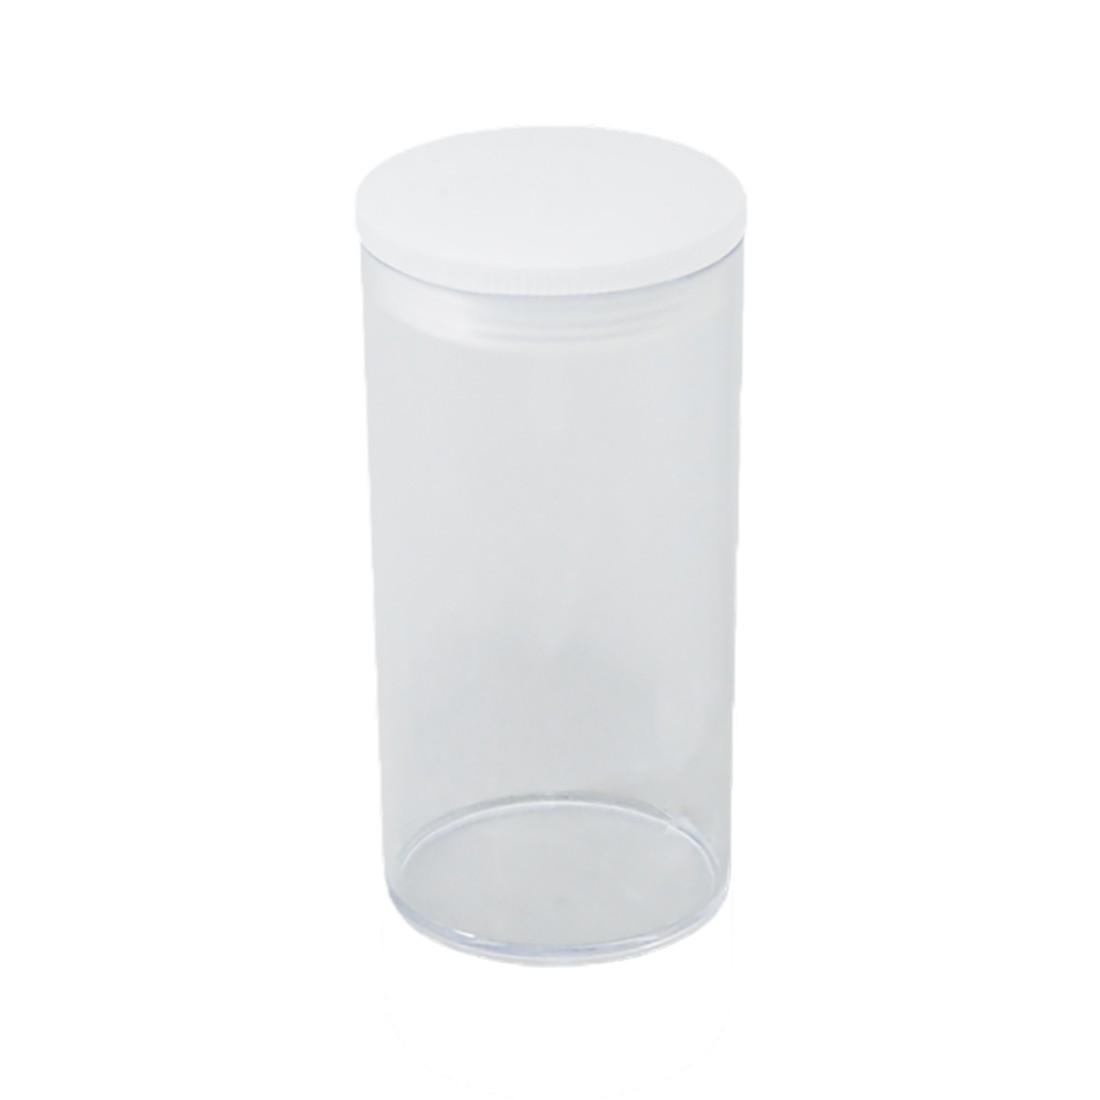 Potinho de Acrílico Cristal 23 ml kit com 50 unid